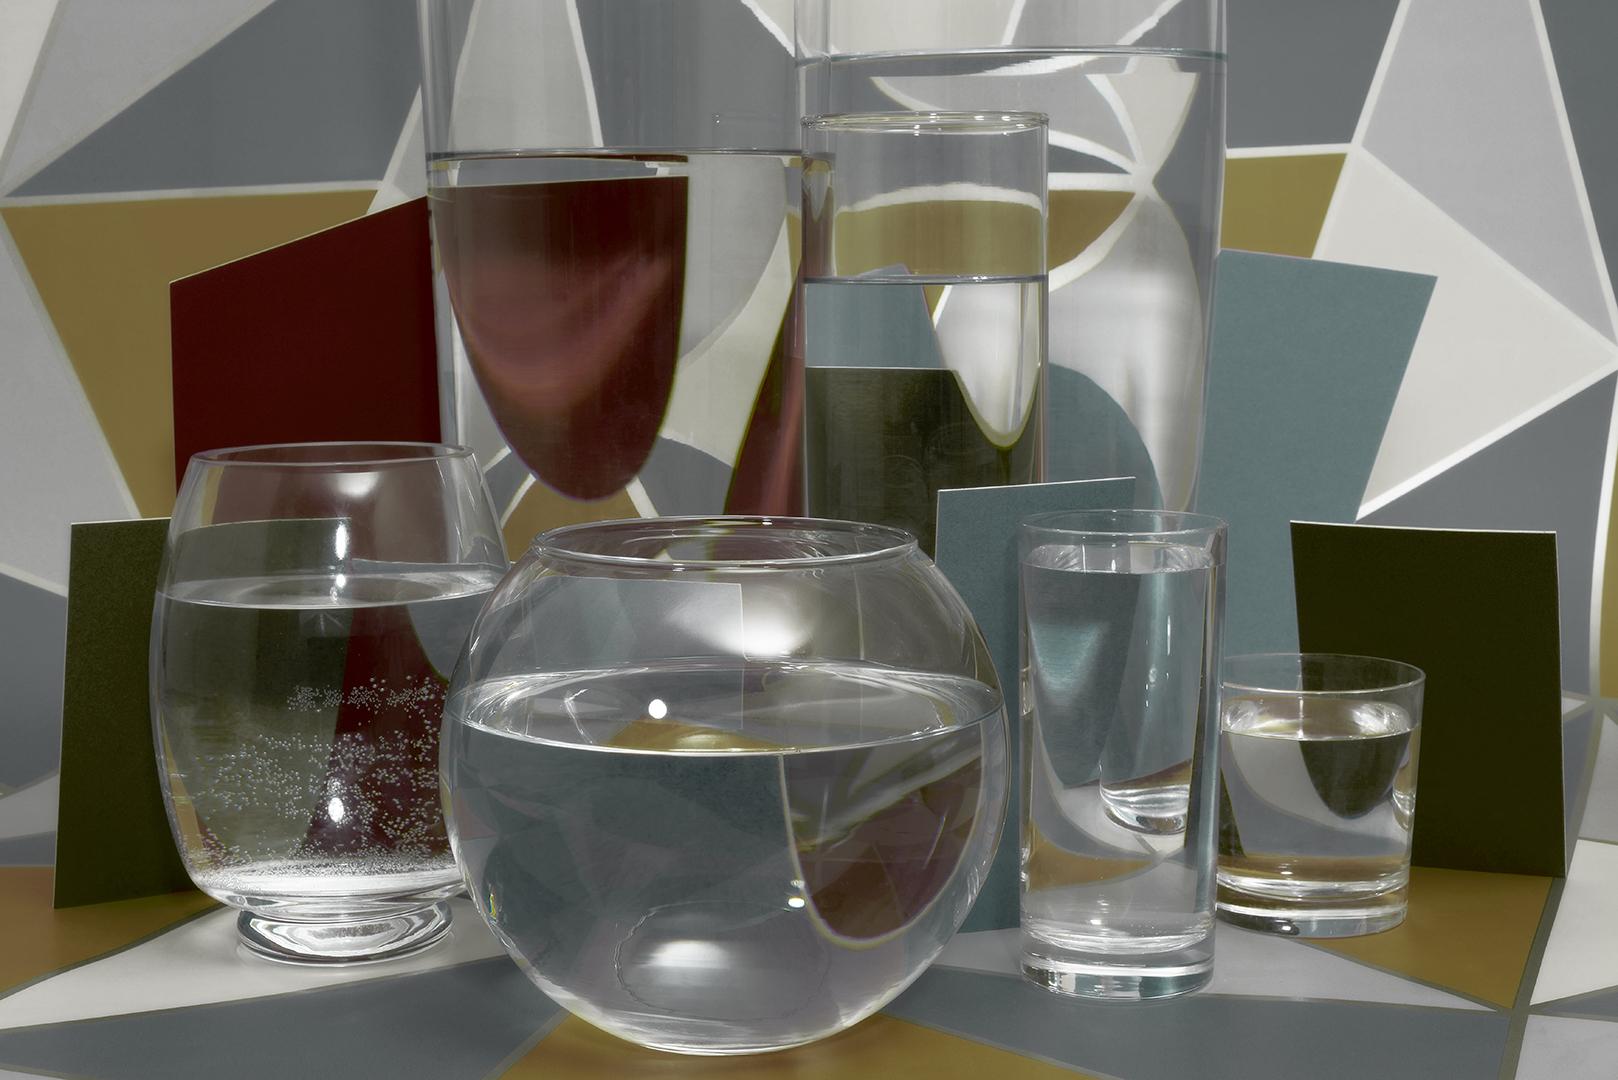 Water_7.jpg